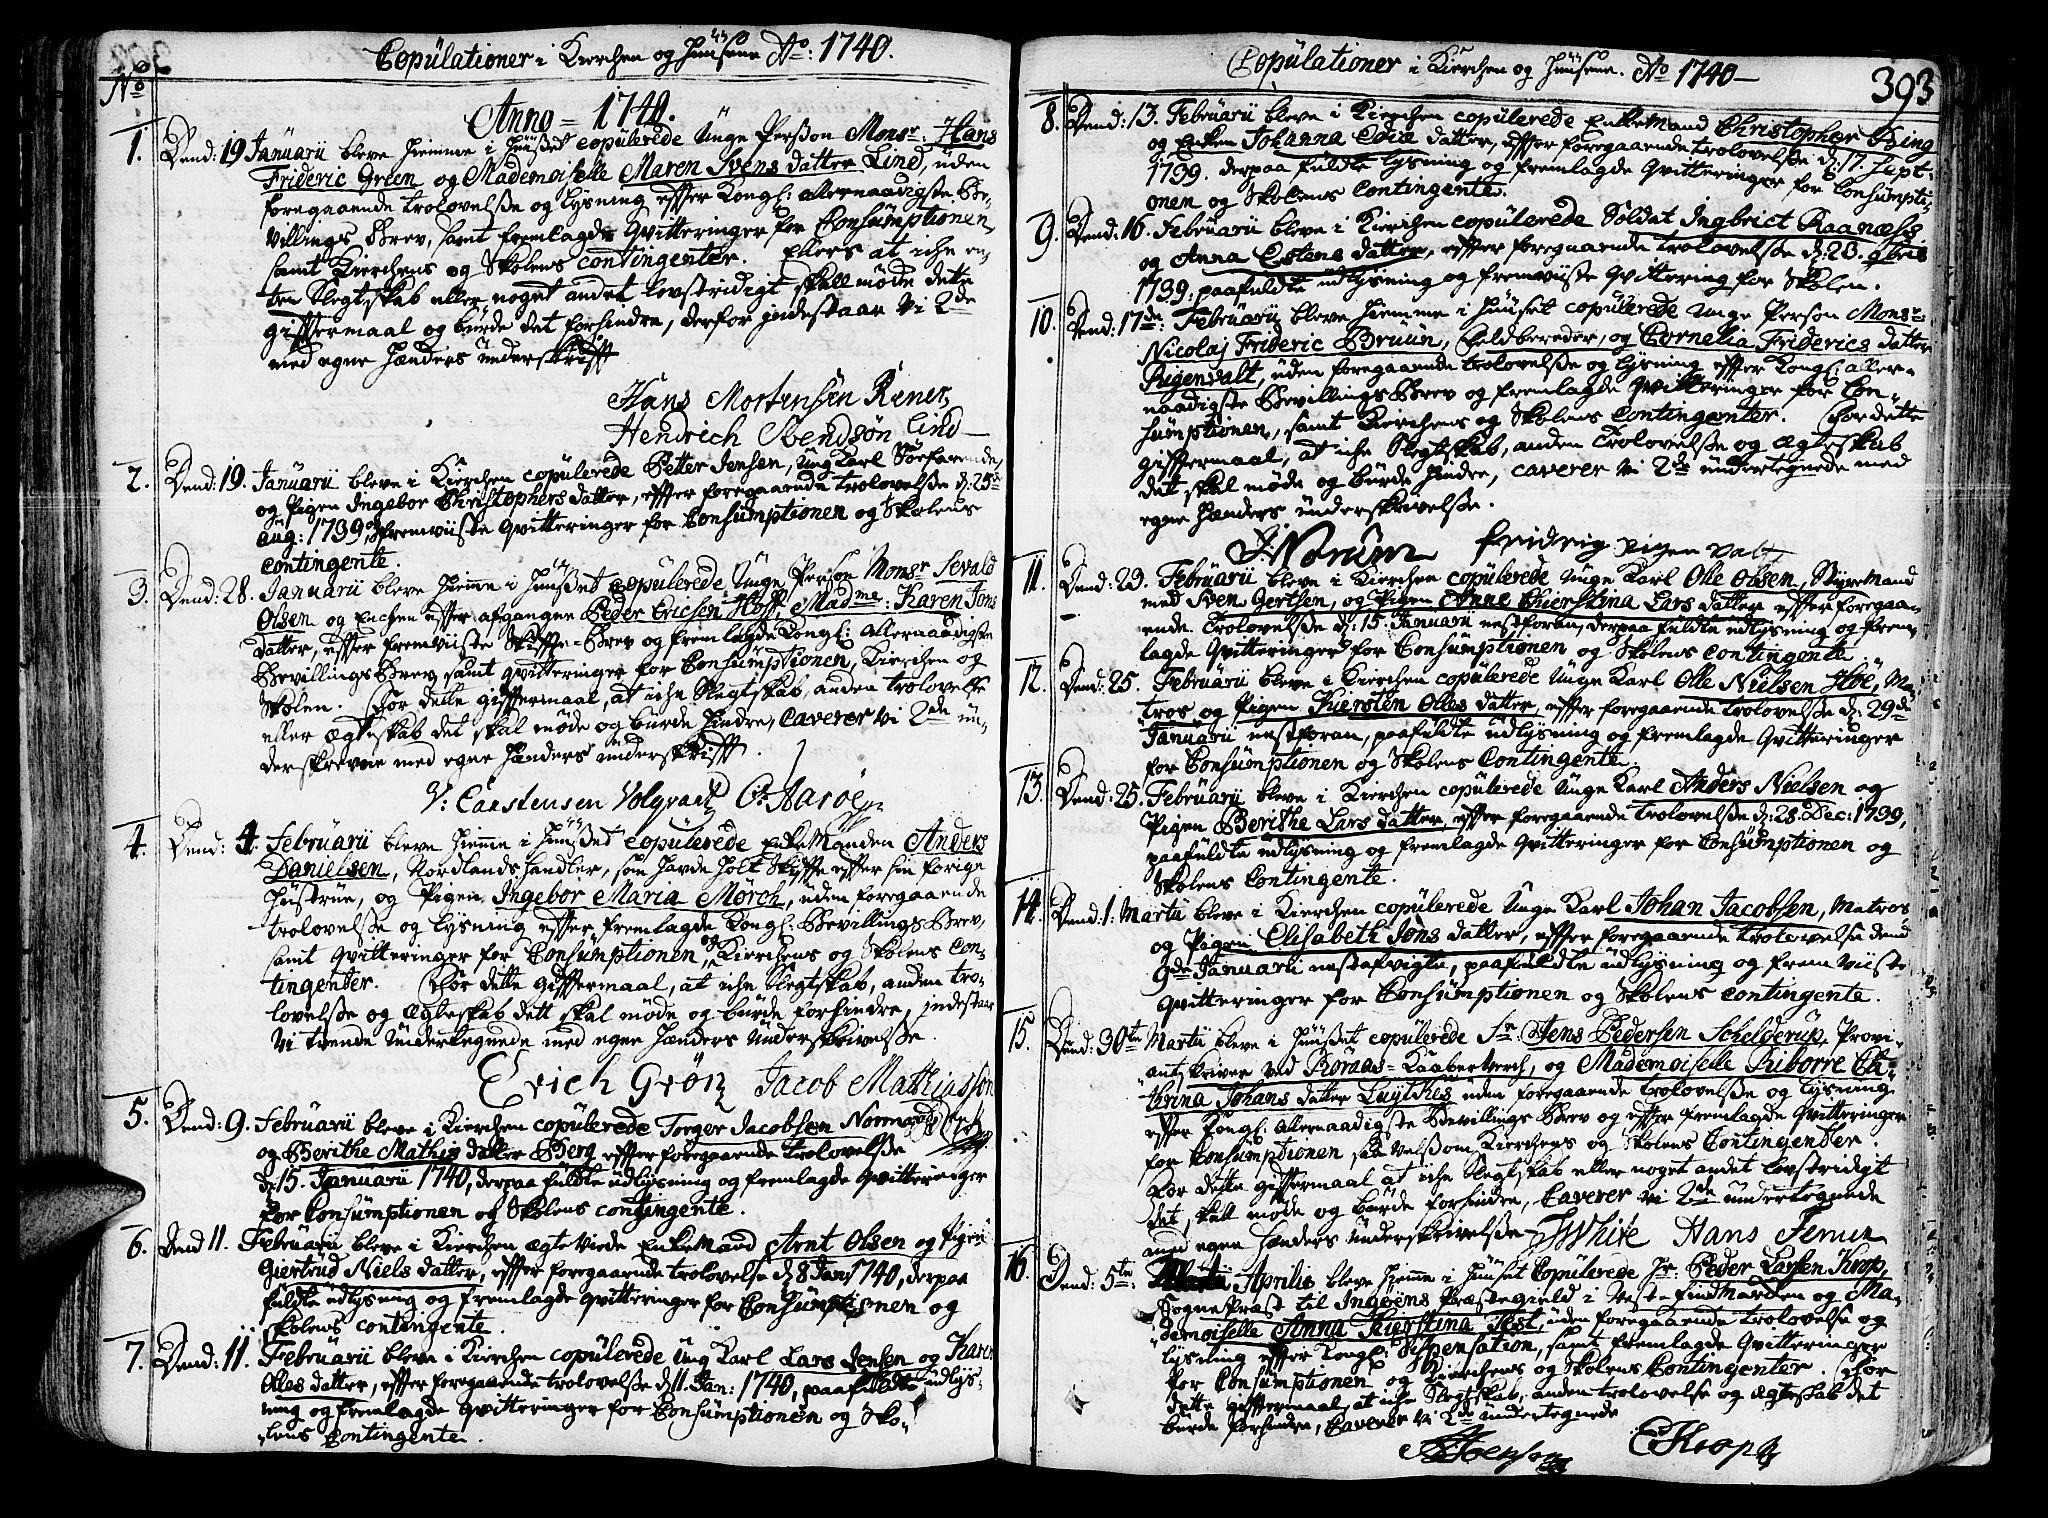 SAT, Ministerialprotokoller, klokkerbøker og fødselsregistre - Sør-Trøndelag, 602/L0103: Ministerialbok nr. 602A01, 1732-1774, s. 393